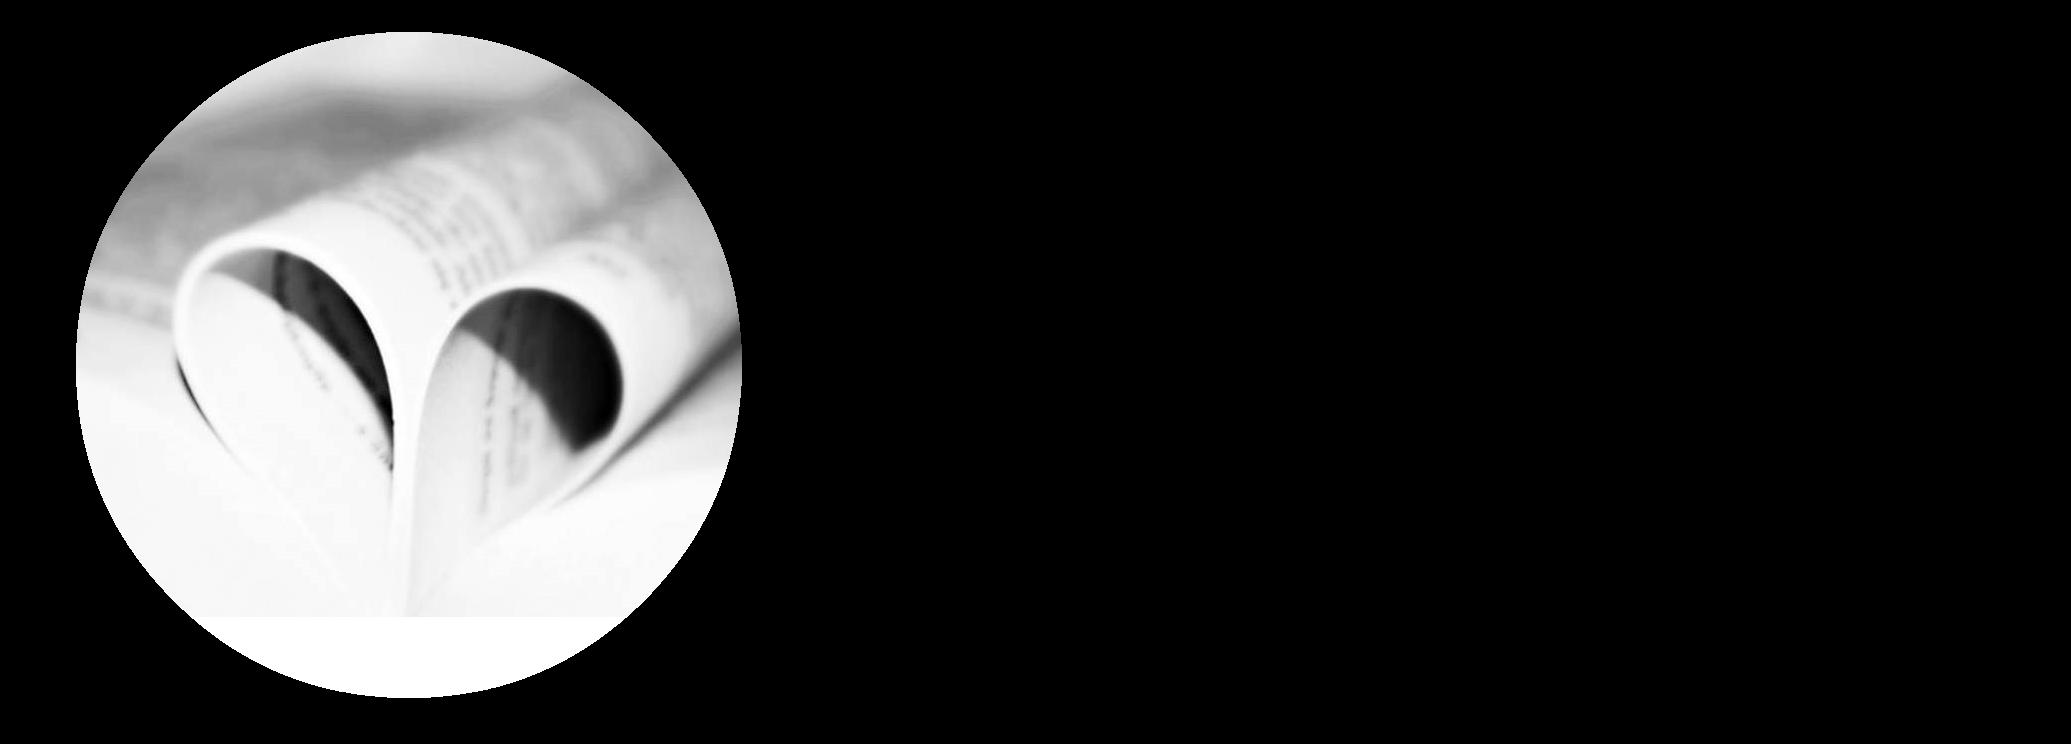 uzupelnienie-blogrollu-czyli-spis-odwiedzanych-blogow